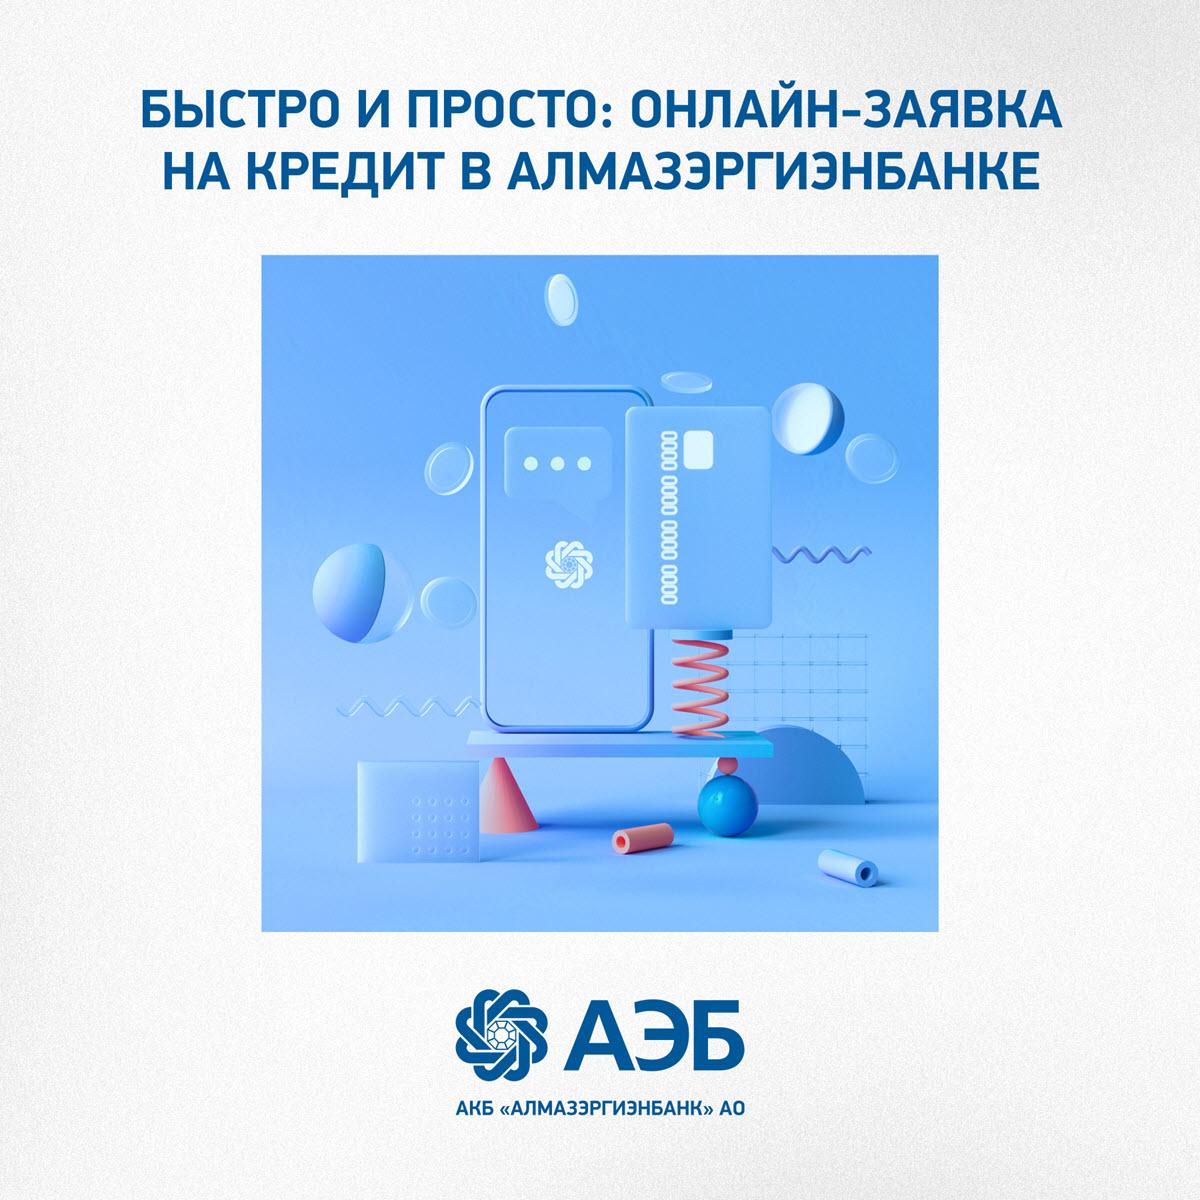 fortebank онлайн заявка на кредит